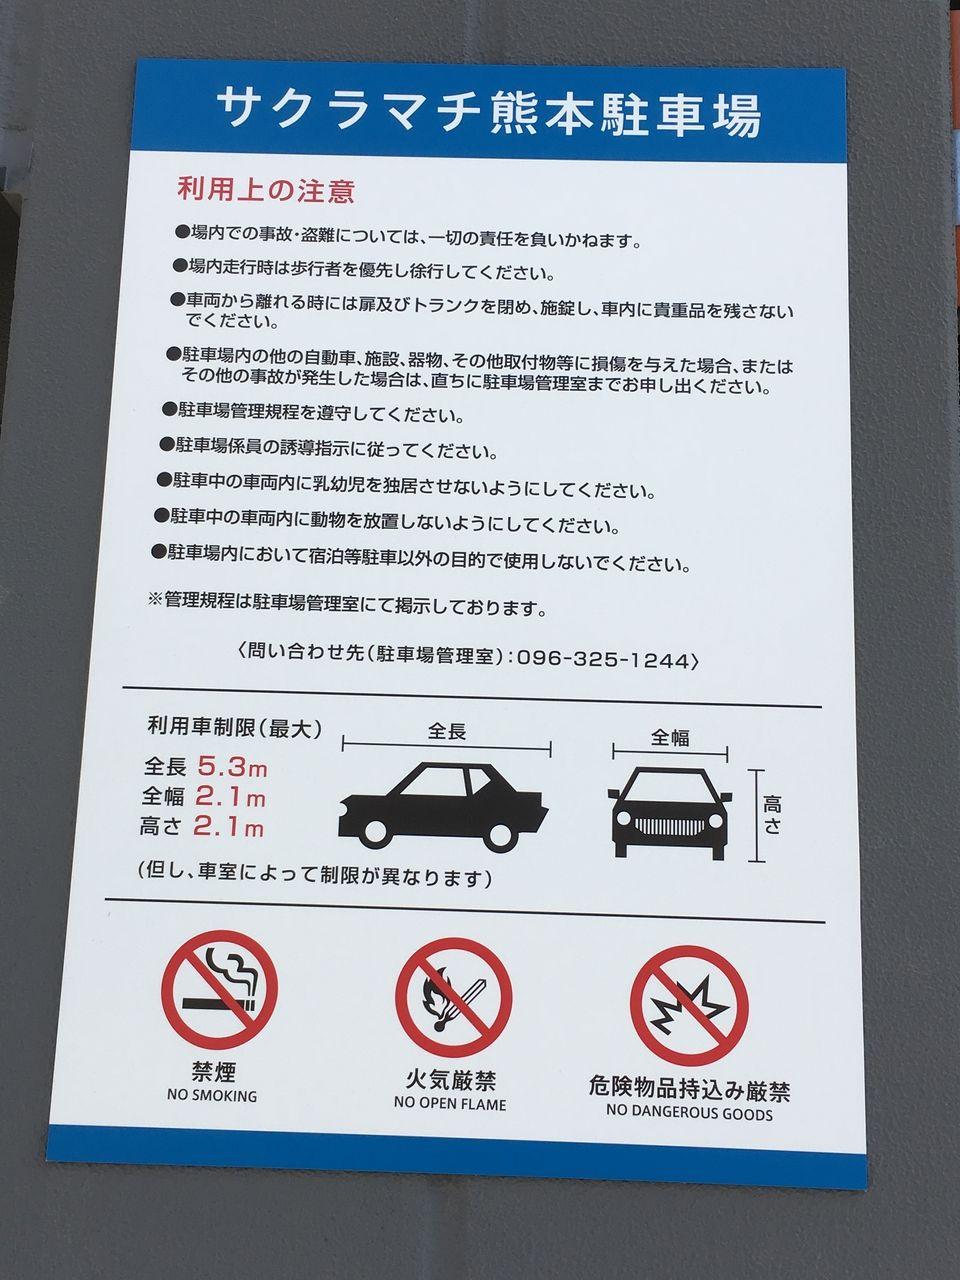 サクラマチ クマモト駐車場の利用上の注意の看板